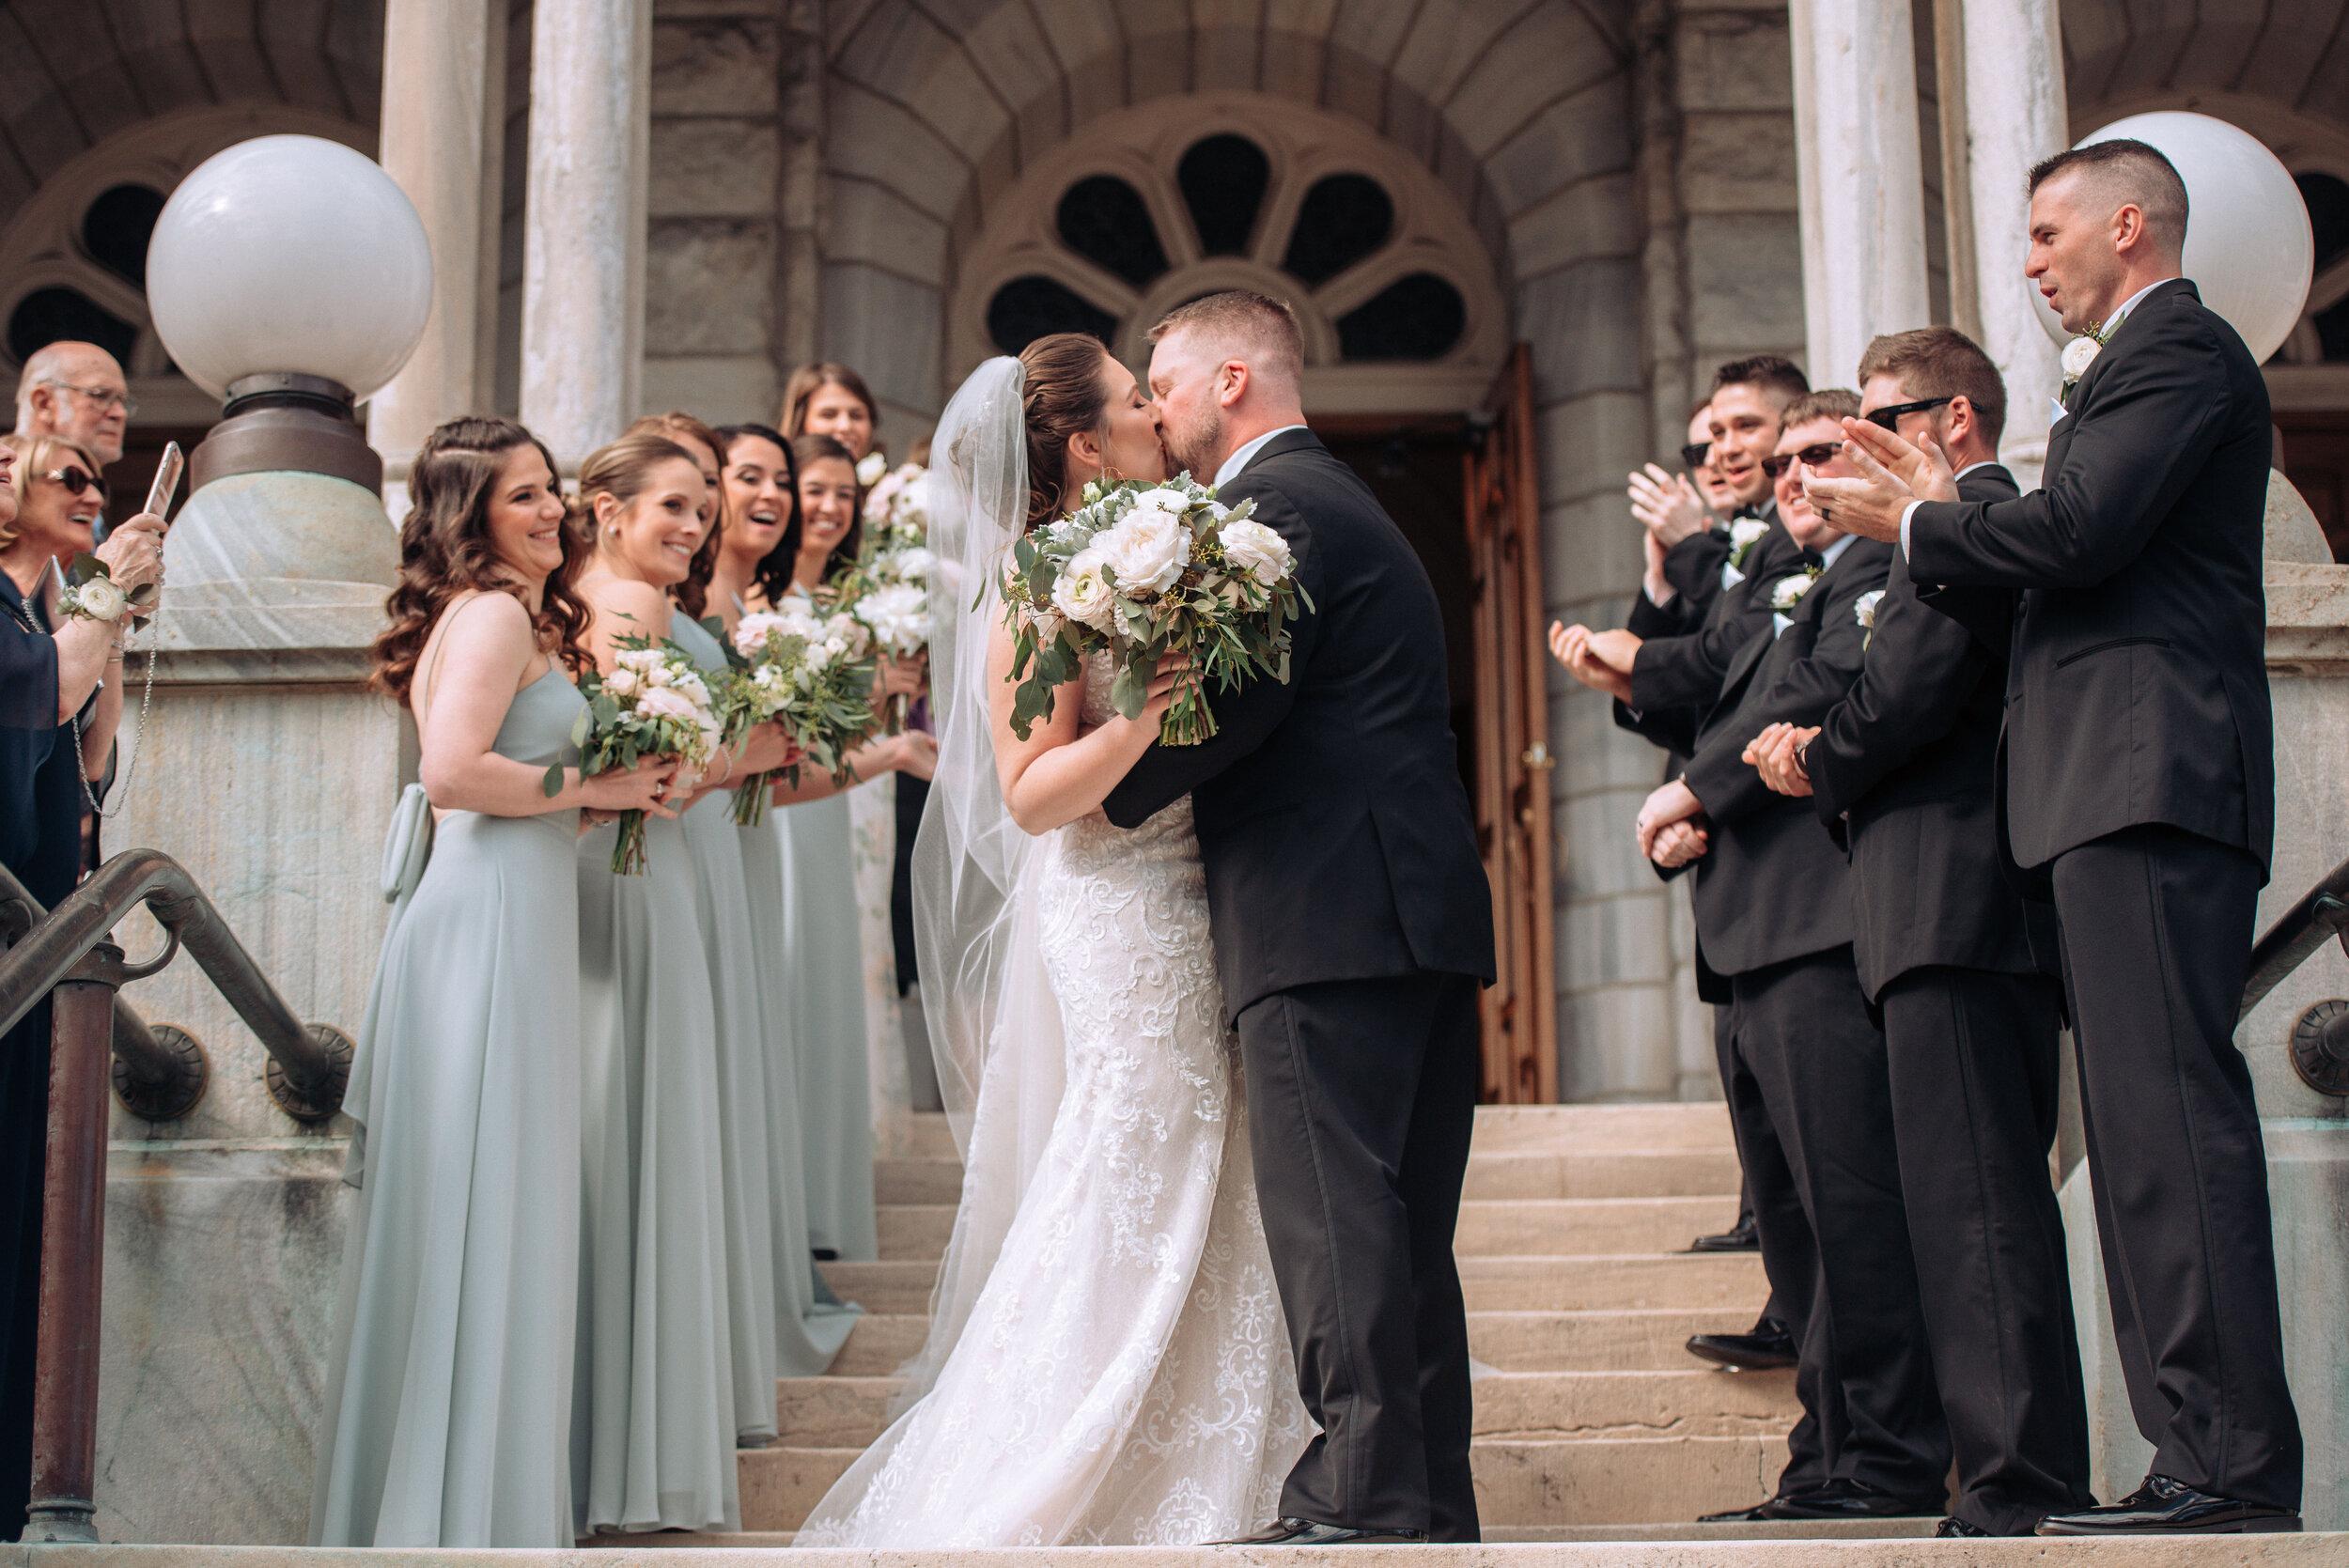 Rebecca Imgram gowns- Savannah Wedding- Savannah Bride-Ivory and Beau bride-Ivory and Beau gowns-Lace gowns .jpg